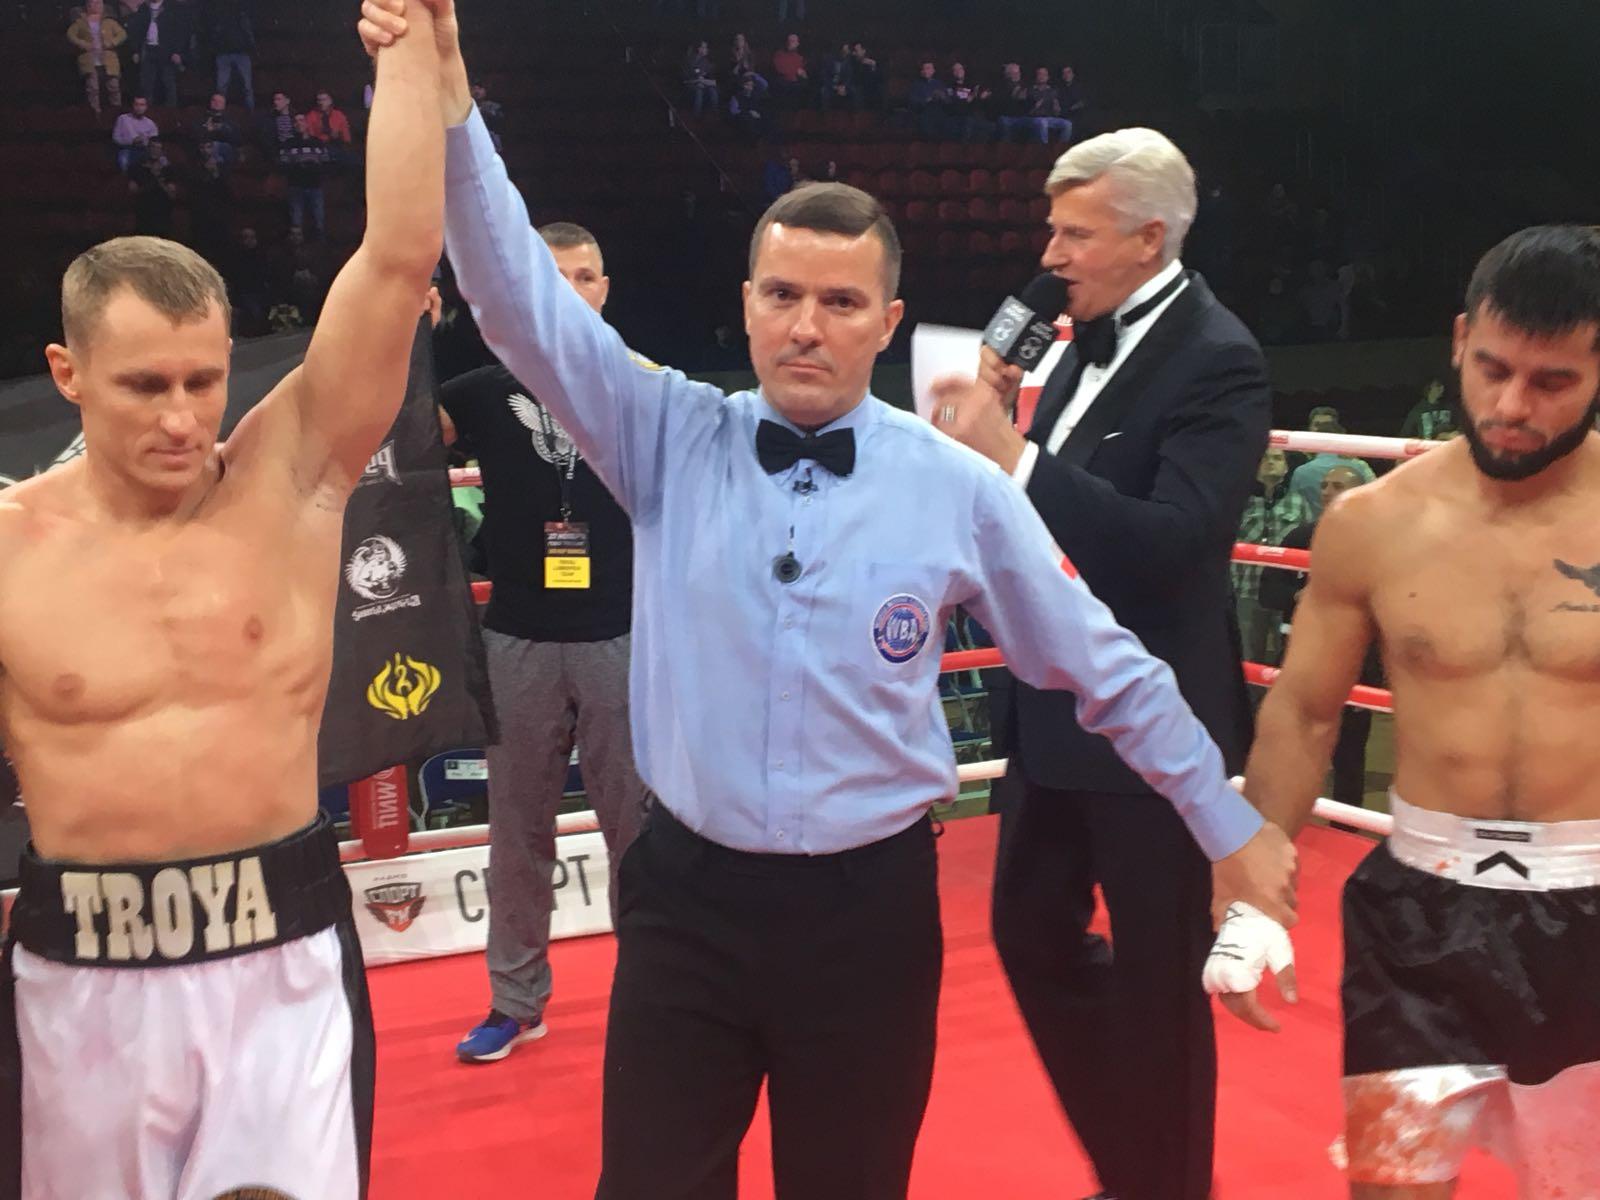 Troyanovsky beats Portillo in elimination bout